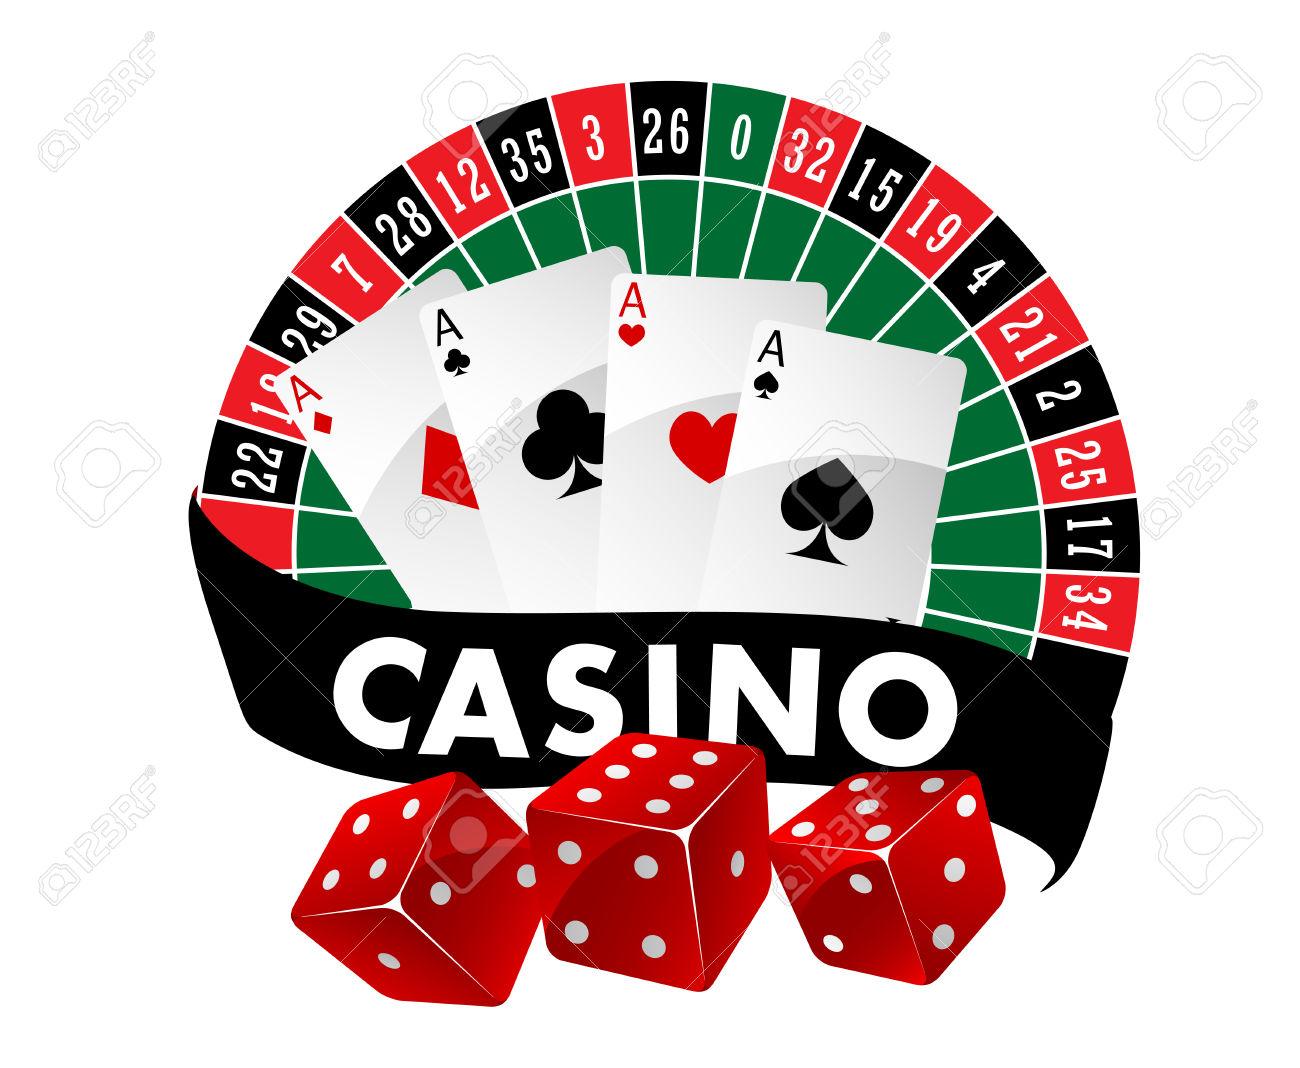 comment sinterdire de casino en ligne